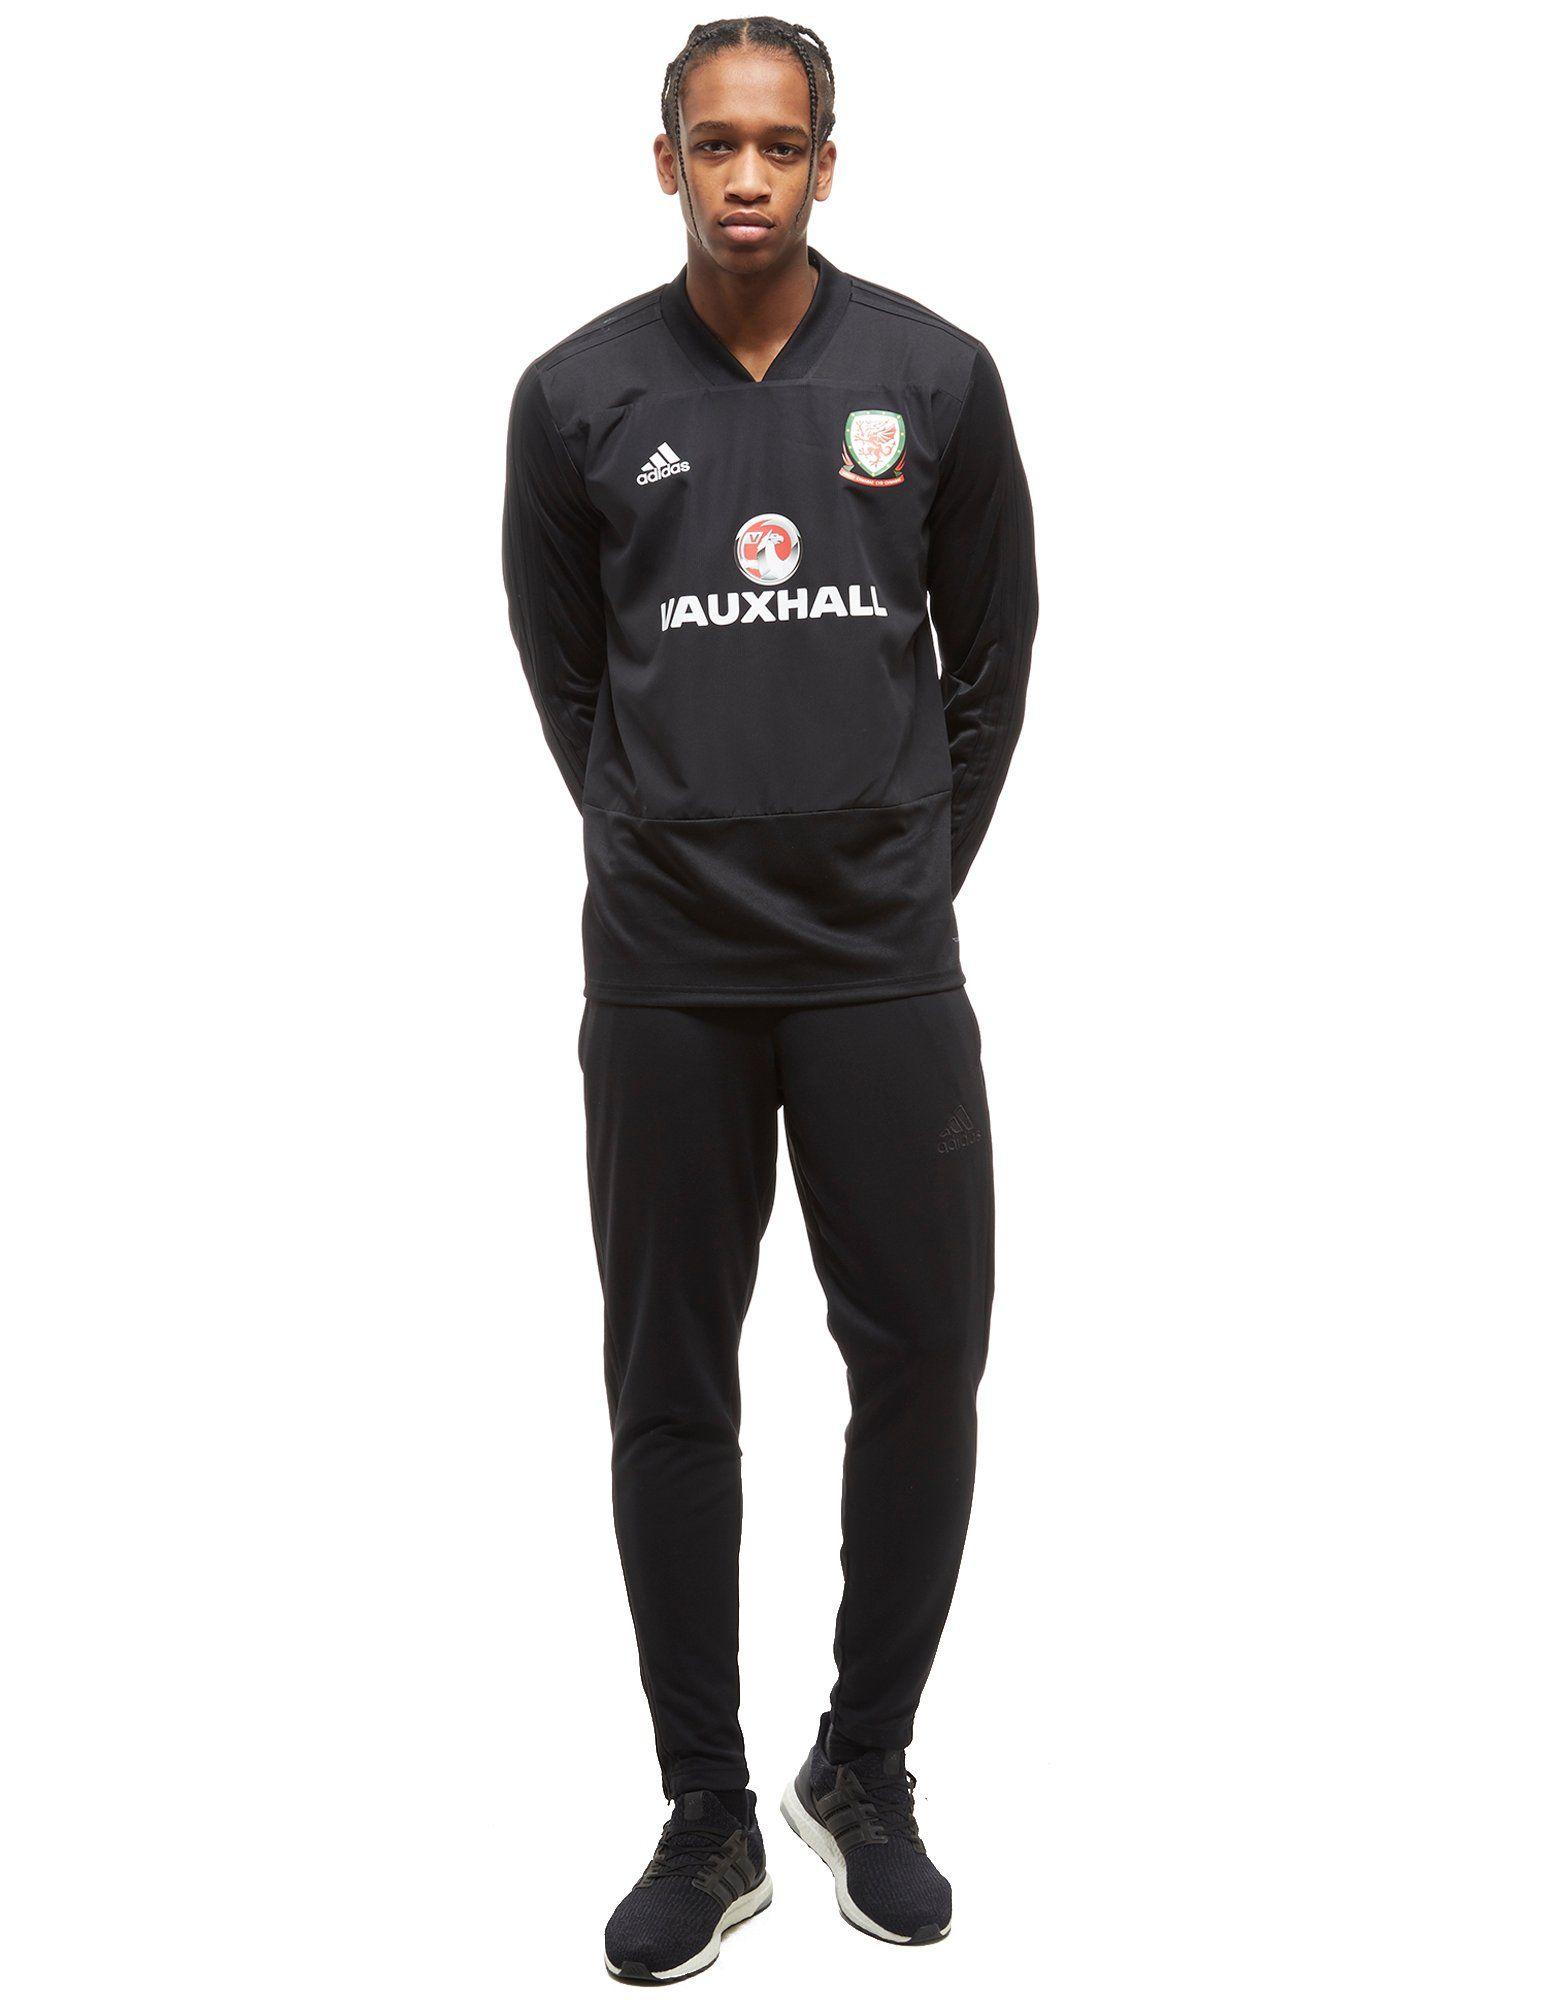 Spielraum Lohn Mit Paypal Echt Günstig Online adidas FA Wales 2018 Training Top Schwarz Erhalten Authentisch Freies Verschiffen Nicekicks Kauf Zum Verkauf eaAaFmdV